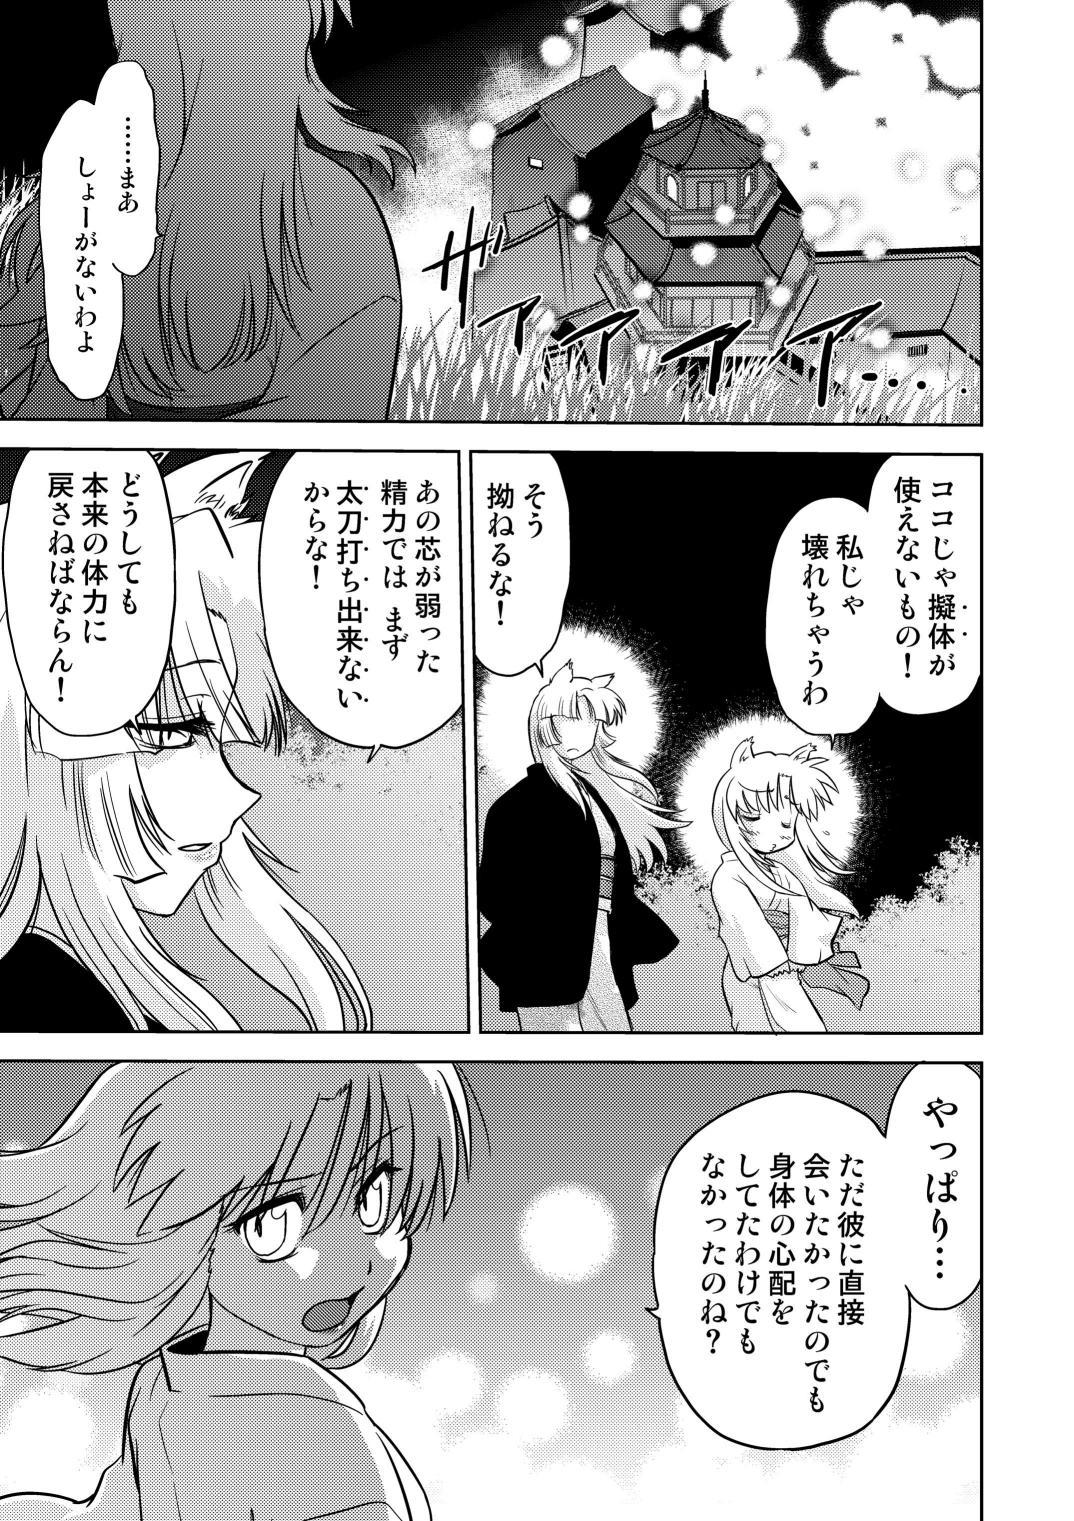 Gokinjo no Monster 3 23